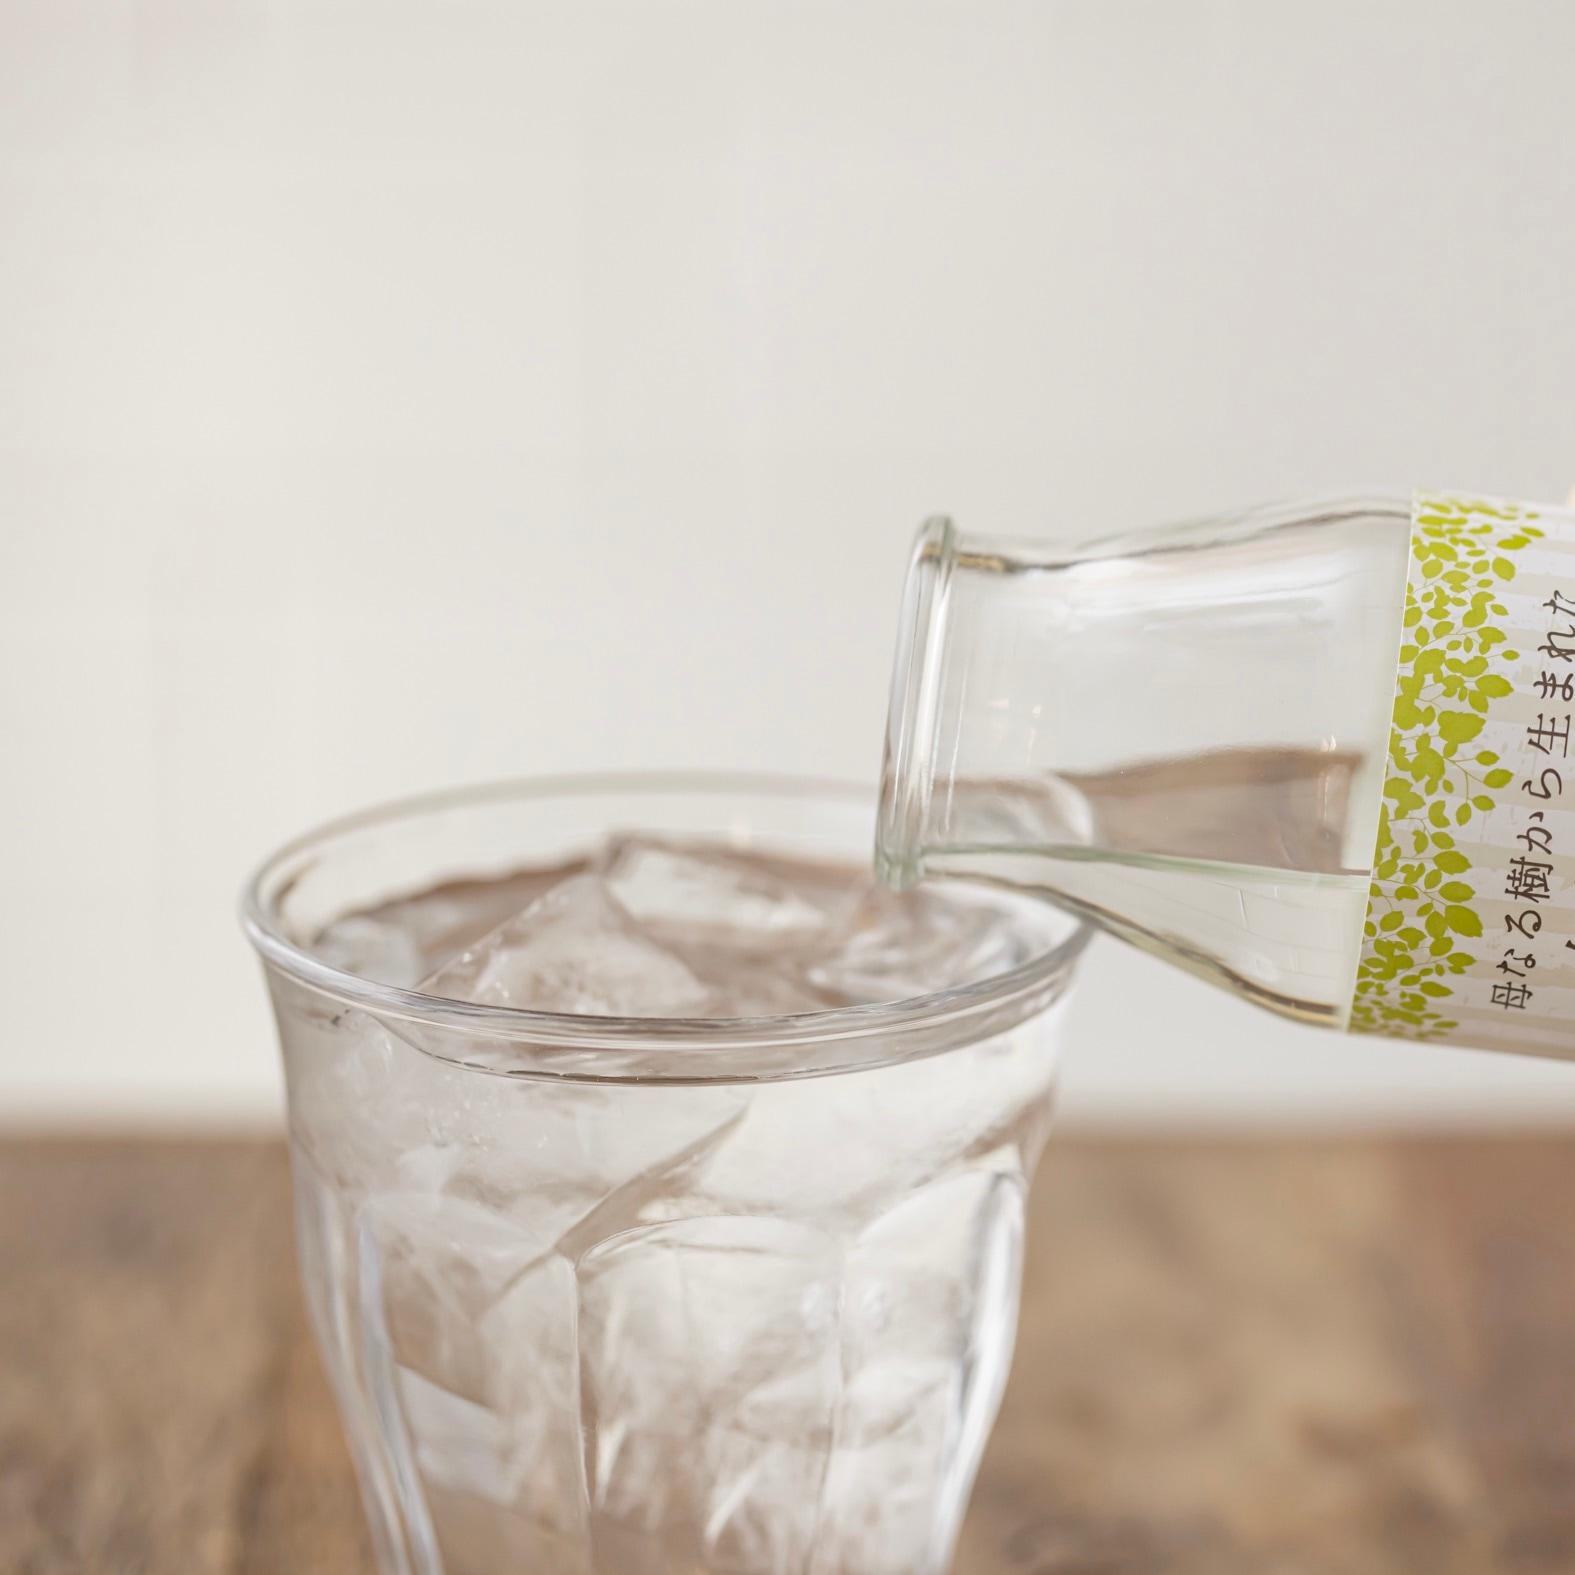 グラスに注がれたThe St Monica(セントモニカ)の母なる樹から生まれた白樺樹液,ソフトドリンク